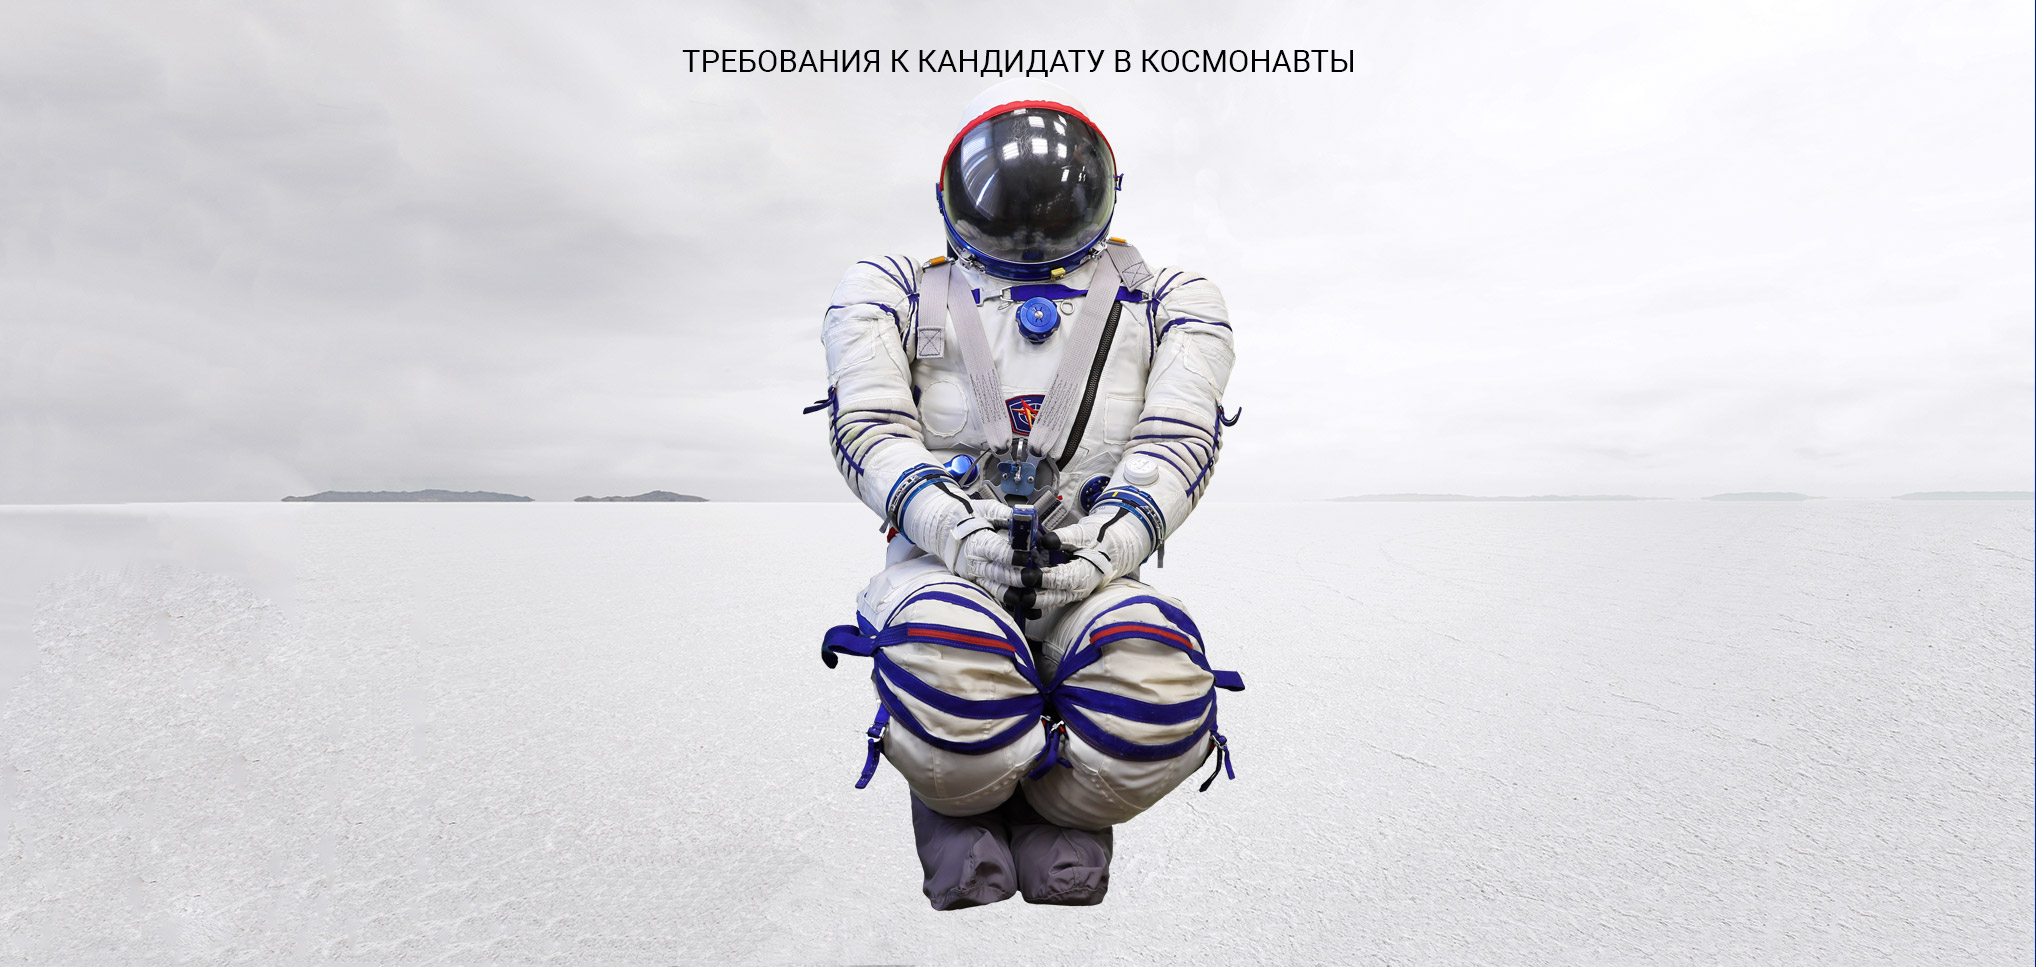 портрет современного космонавта